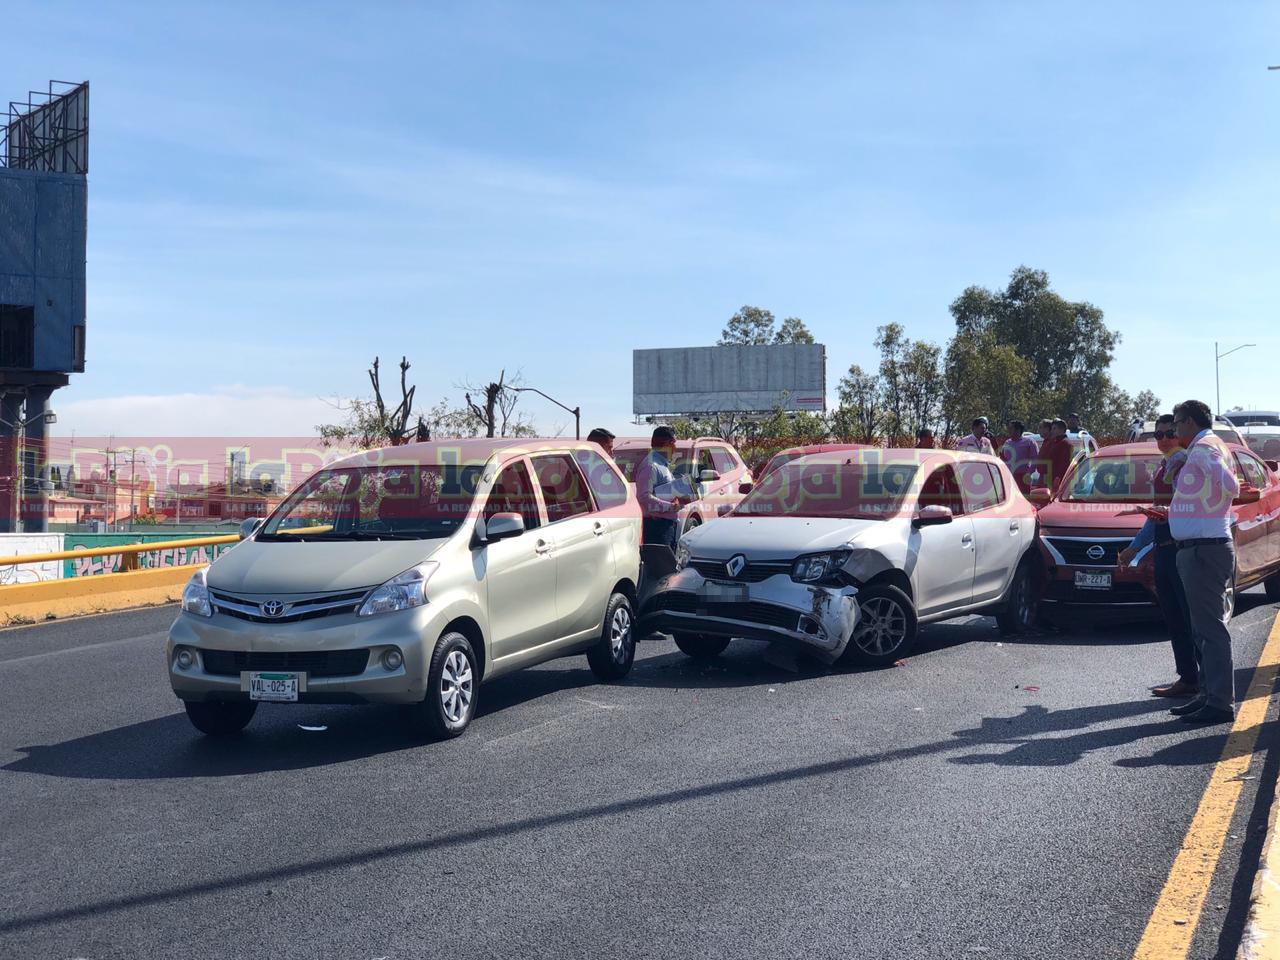 Carambola de 8 vehículos en la Salvador Nava Martínez deja solo daños materiales